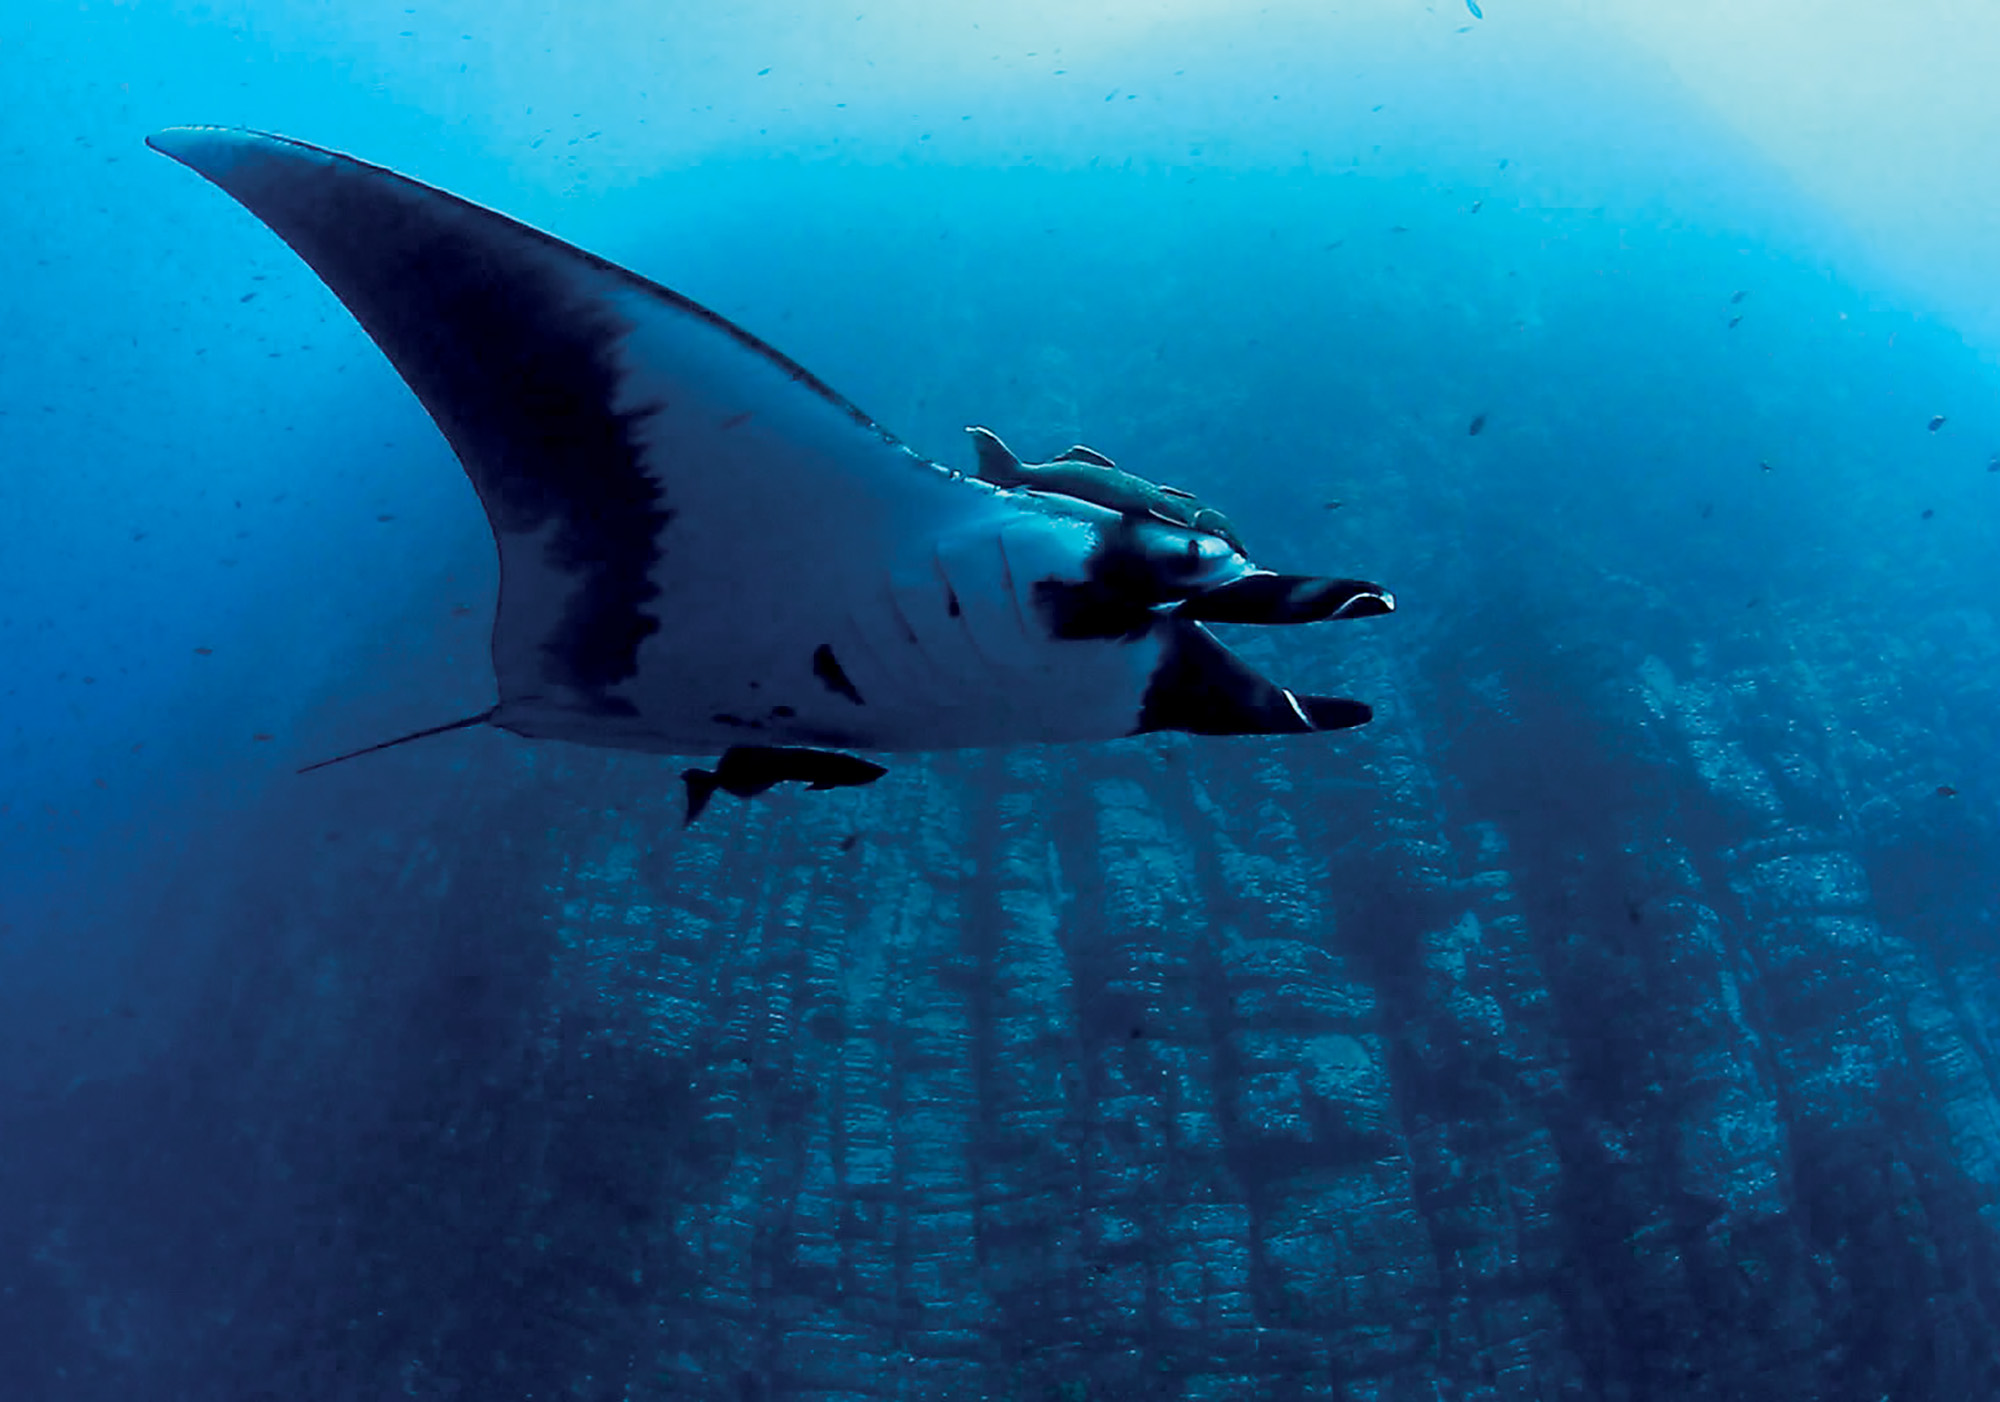 du lịch video 3D dưới môi trường biển